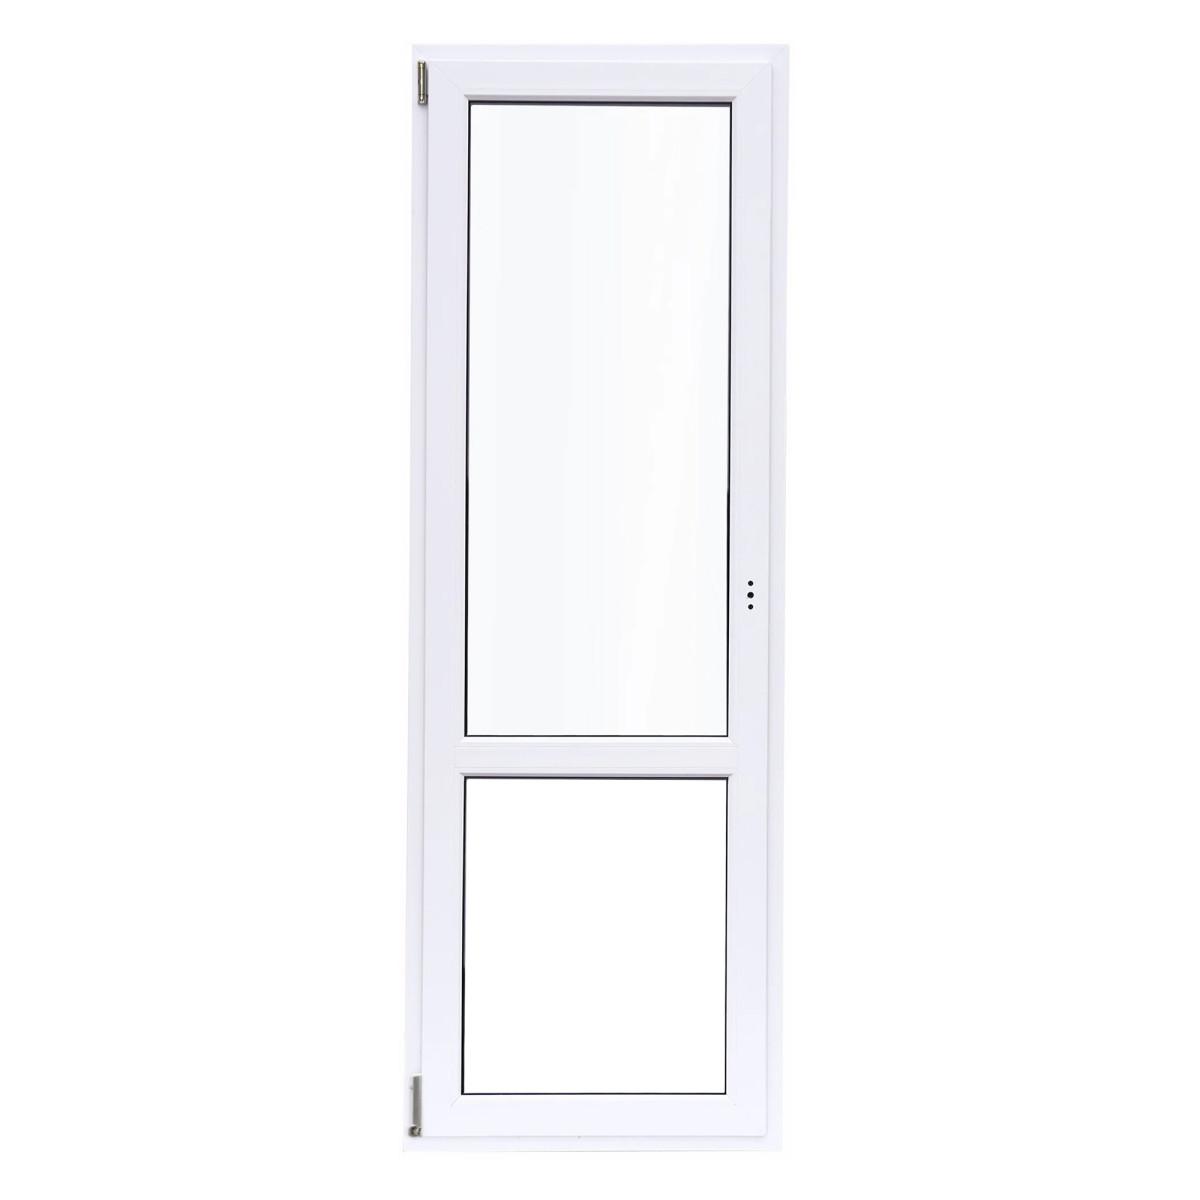 Дверь балконная ПВХ 218(215)x67 см левая двухкамерное